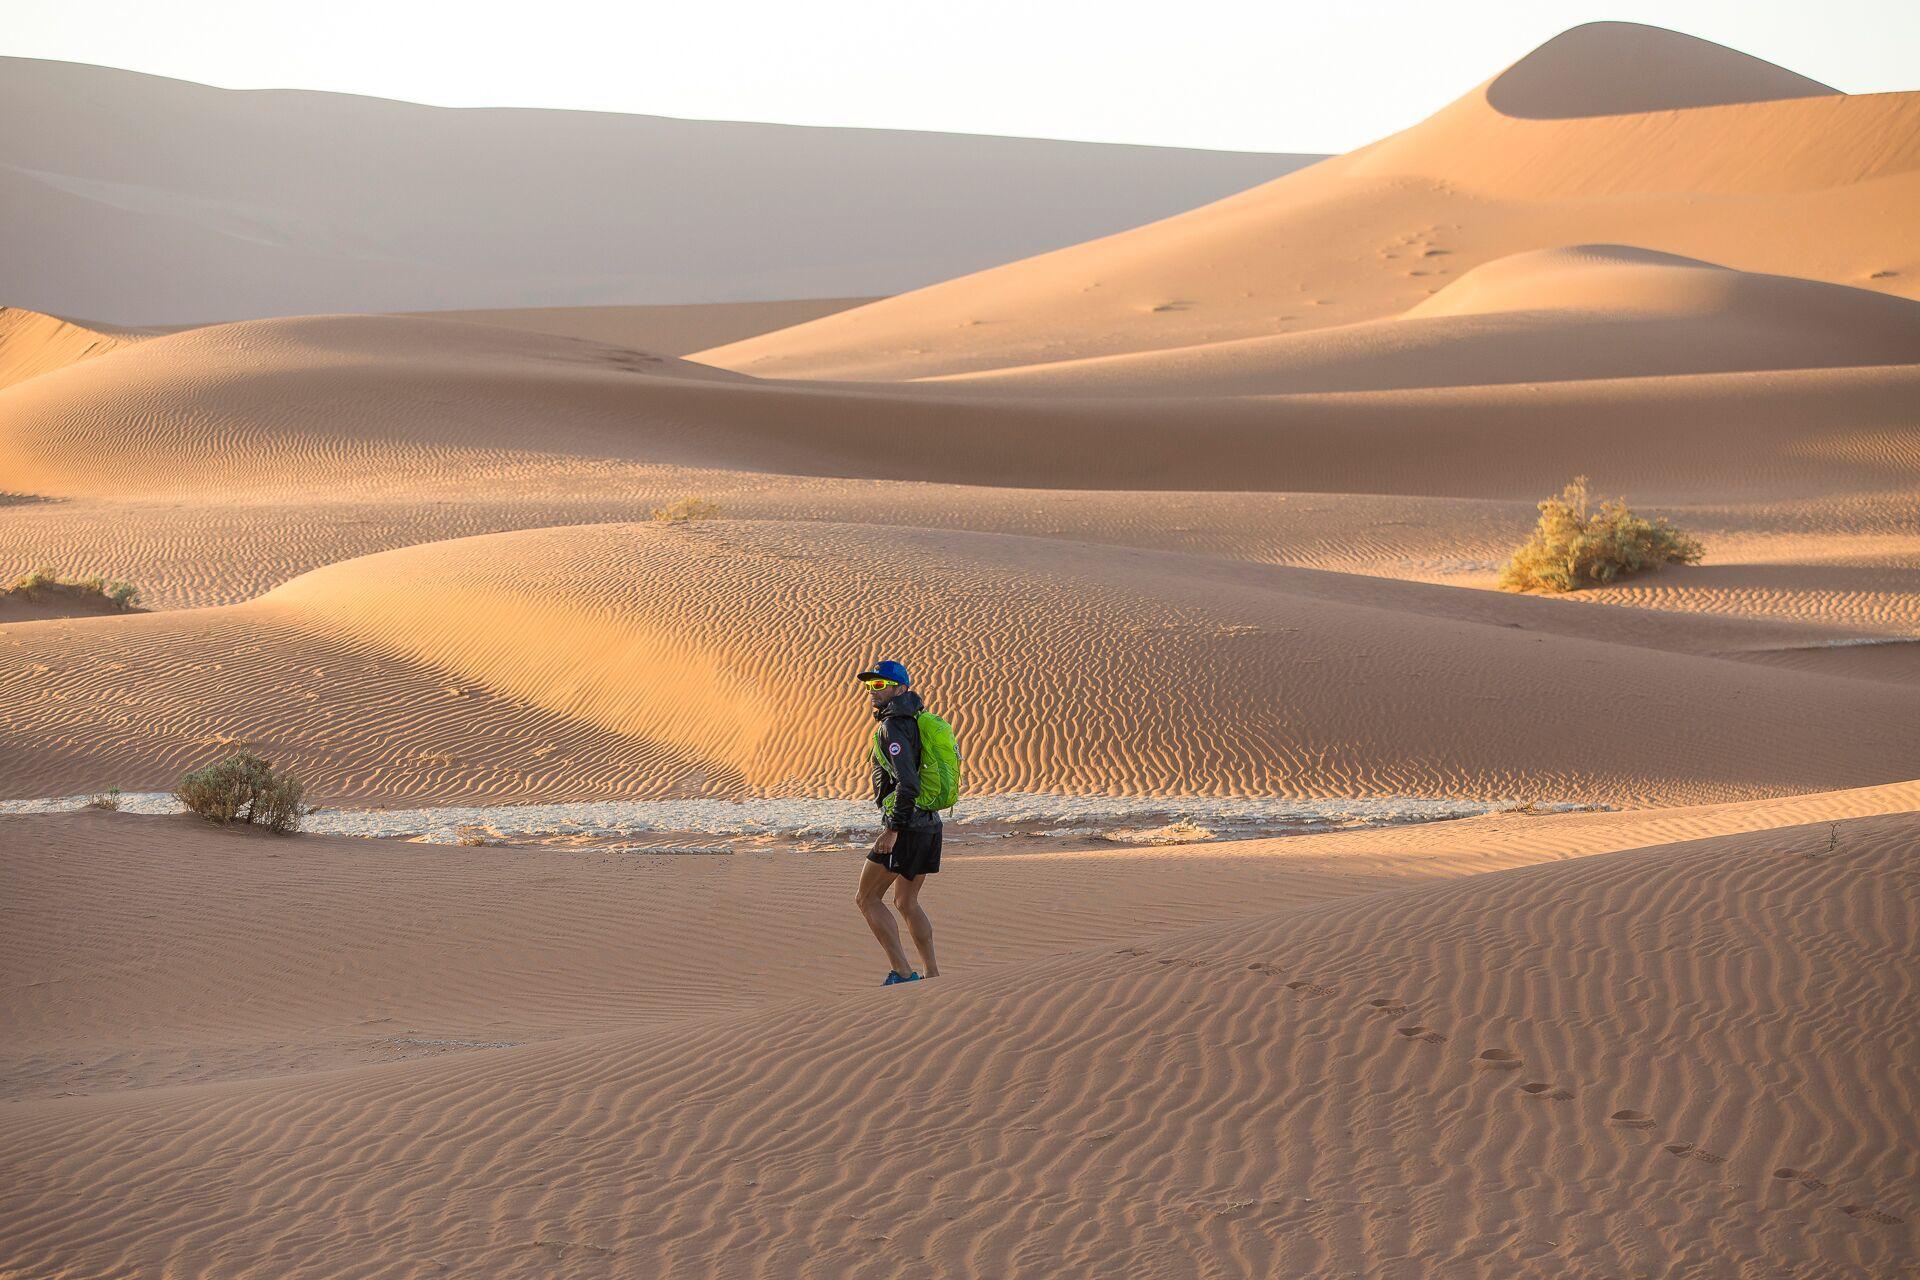 Ray in the Sahara Desert